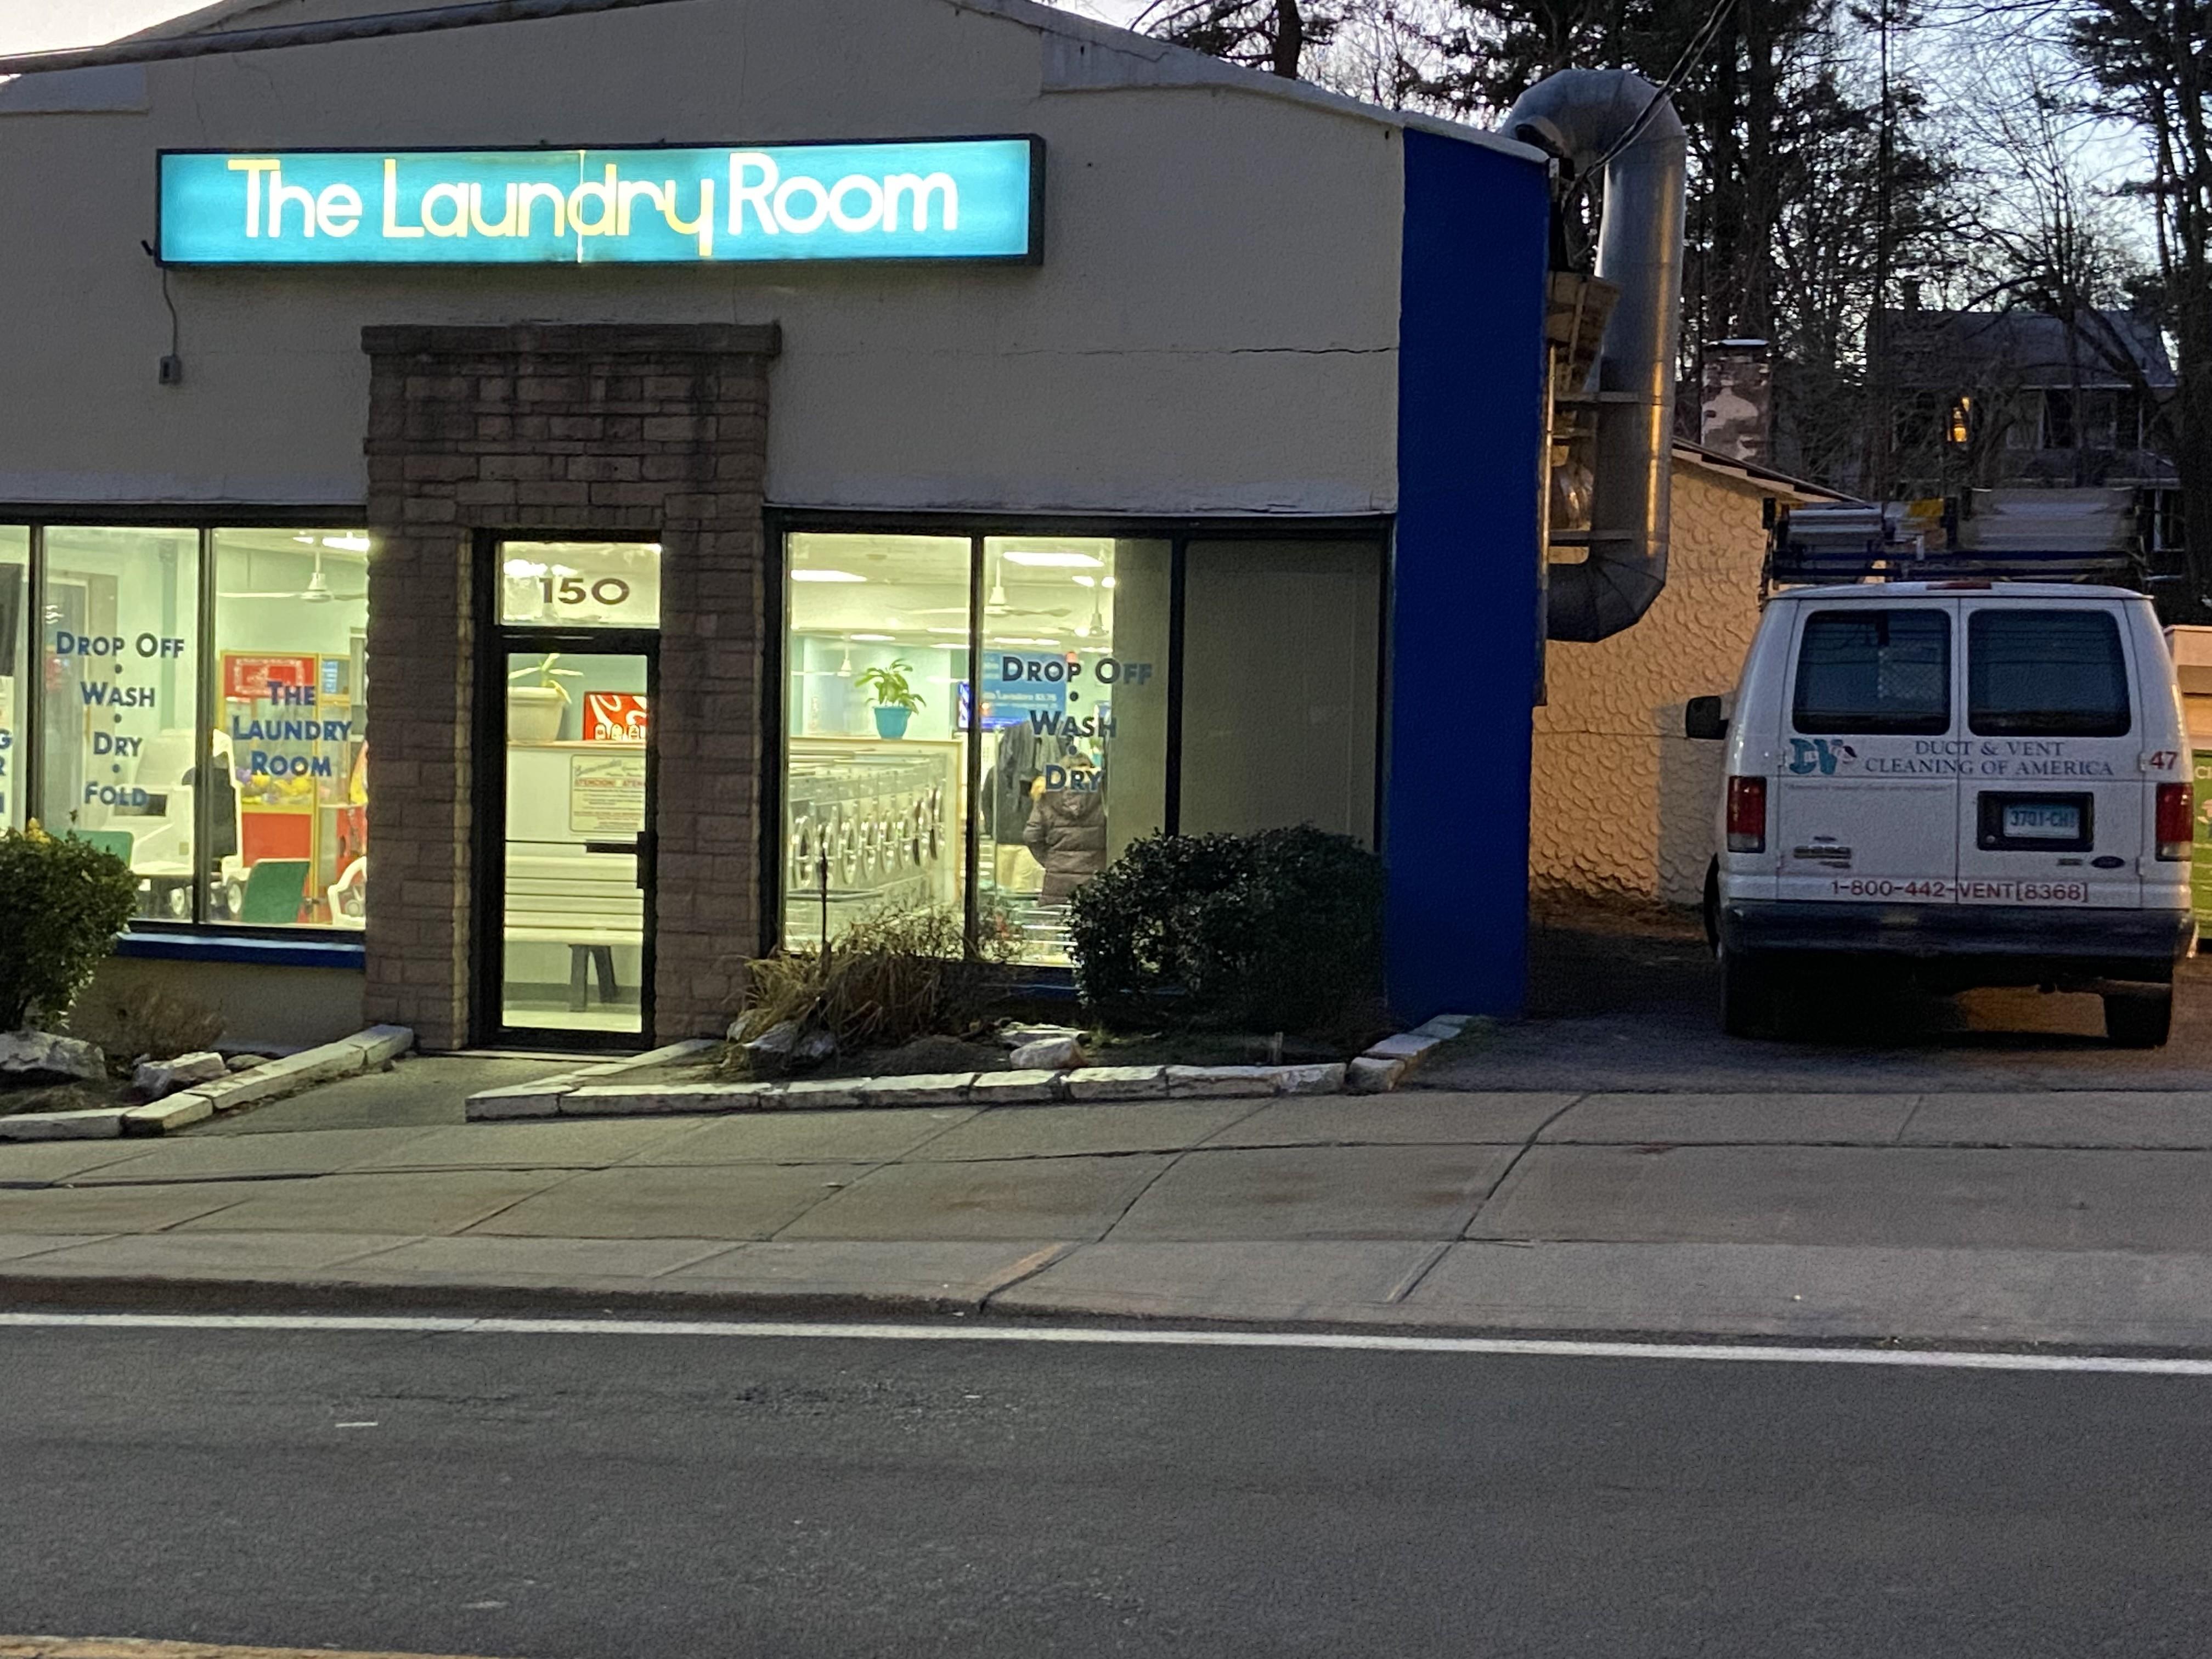 The Laundry Room – Ossining, NY image002.jpg